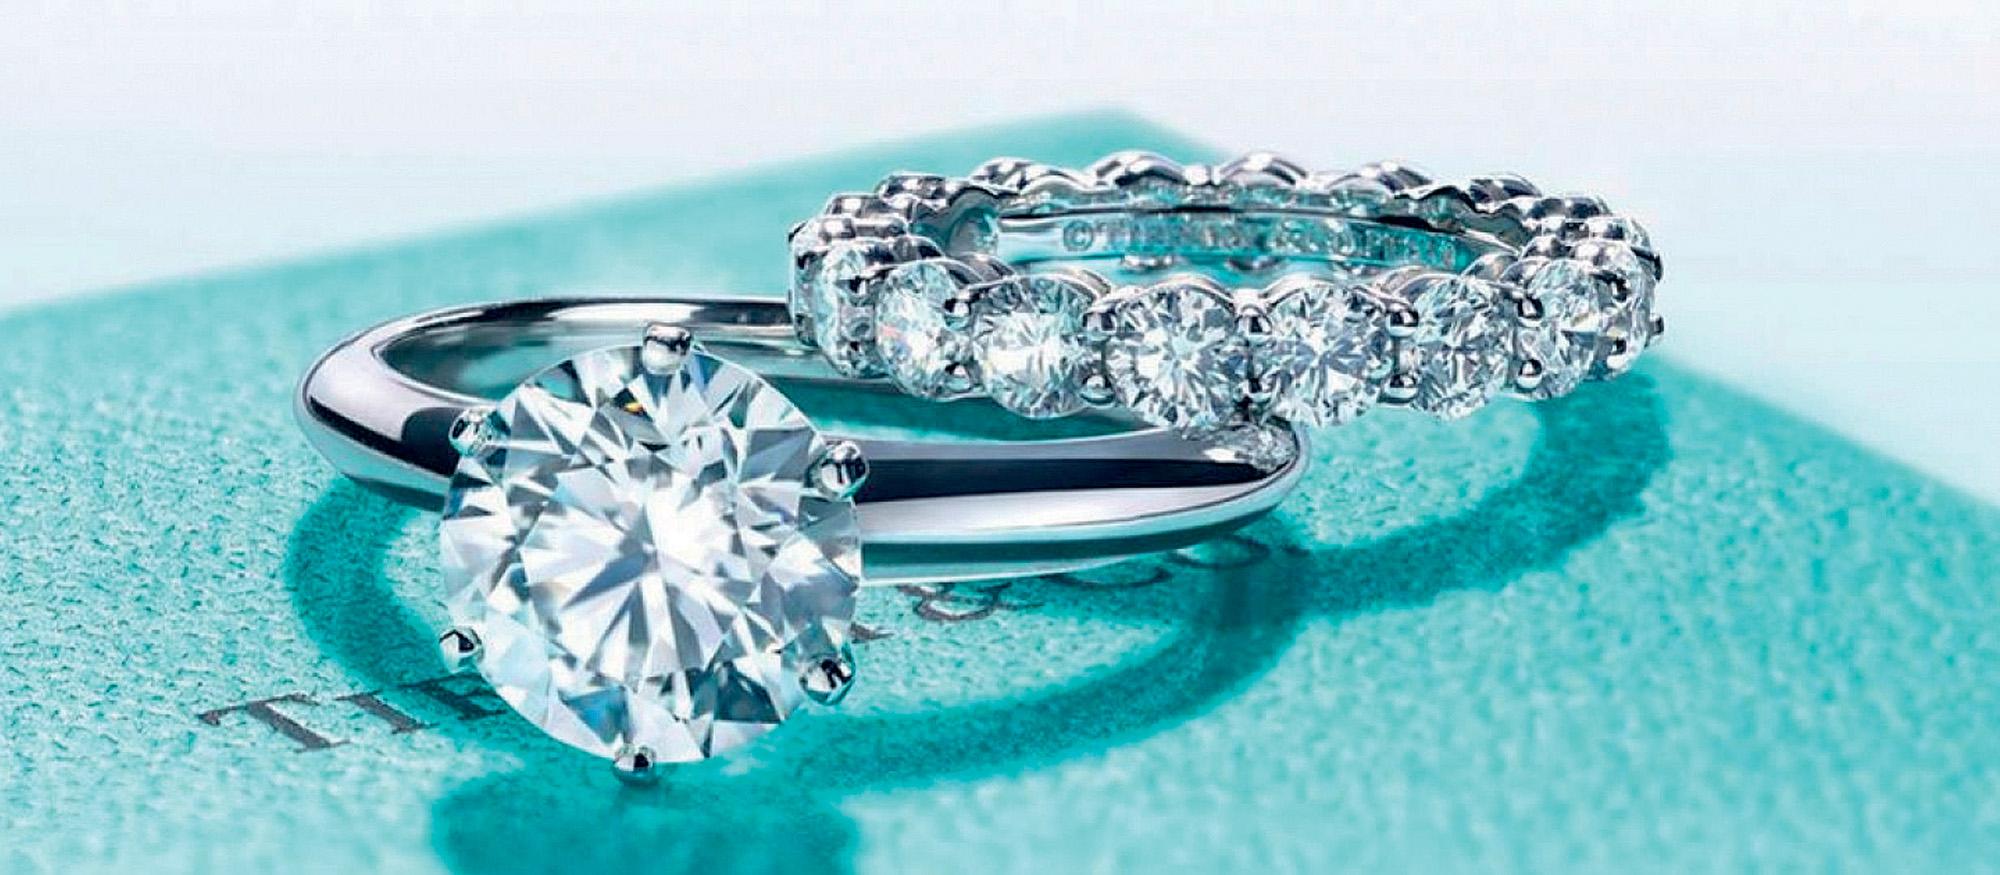 thương hiệu Tiffany & Co